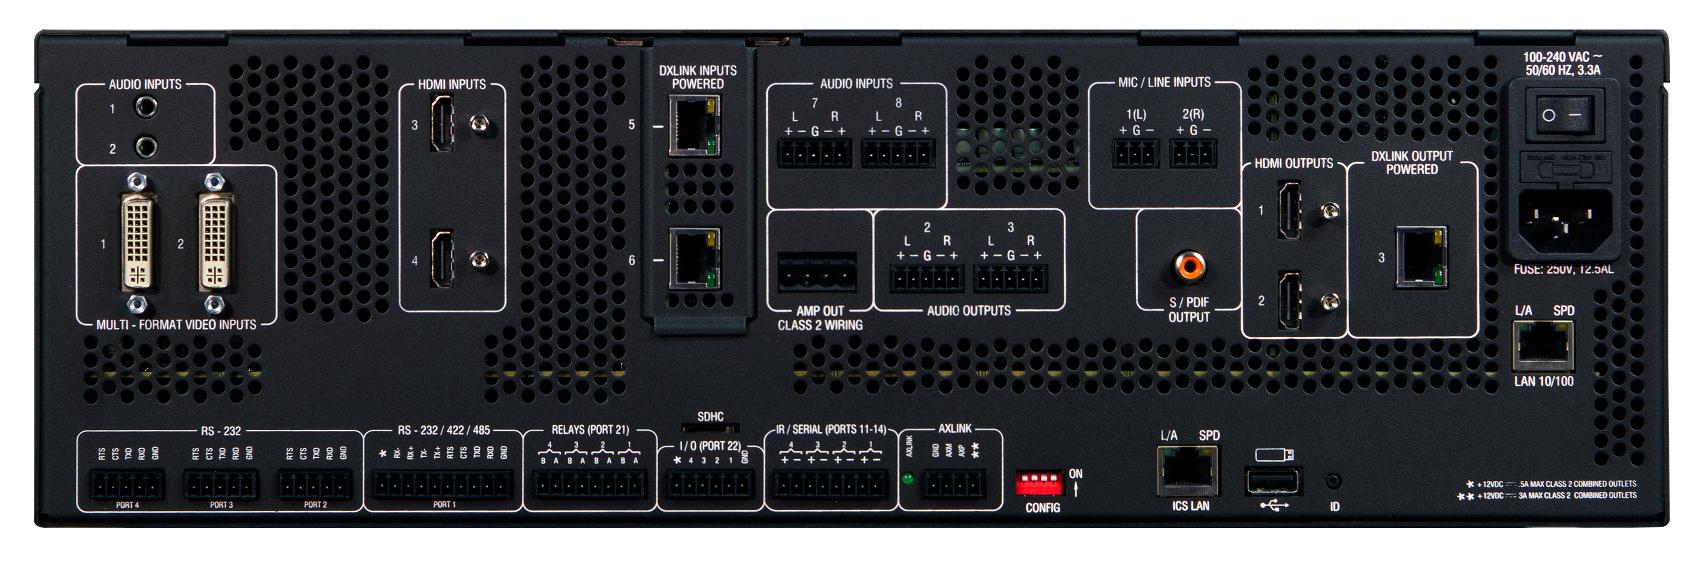 2x25W 8-Ohm 6x3 All-In-One Presentation Switcher with NX Control